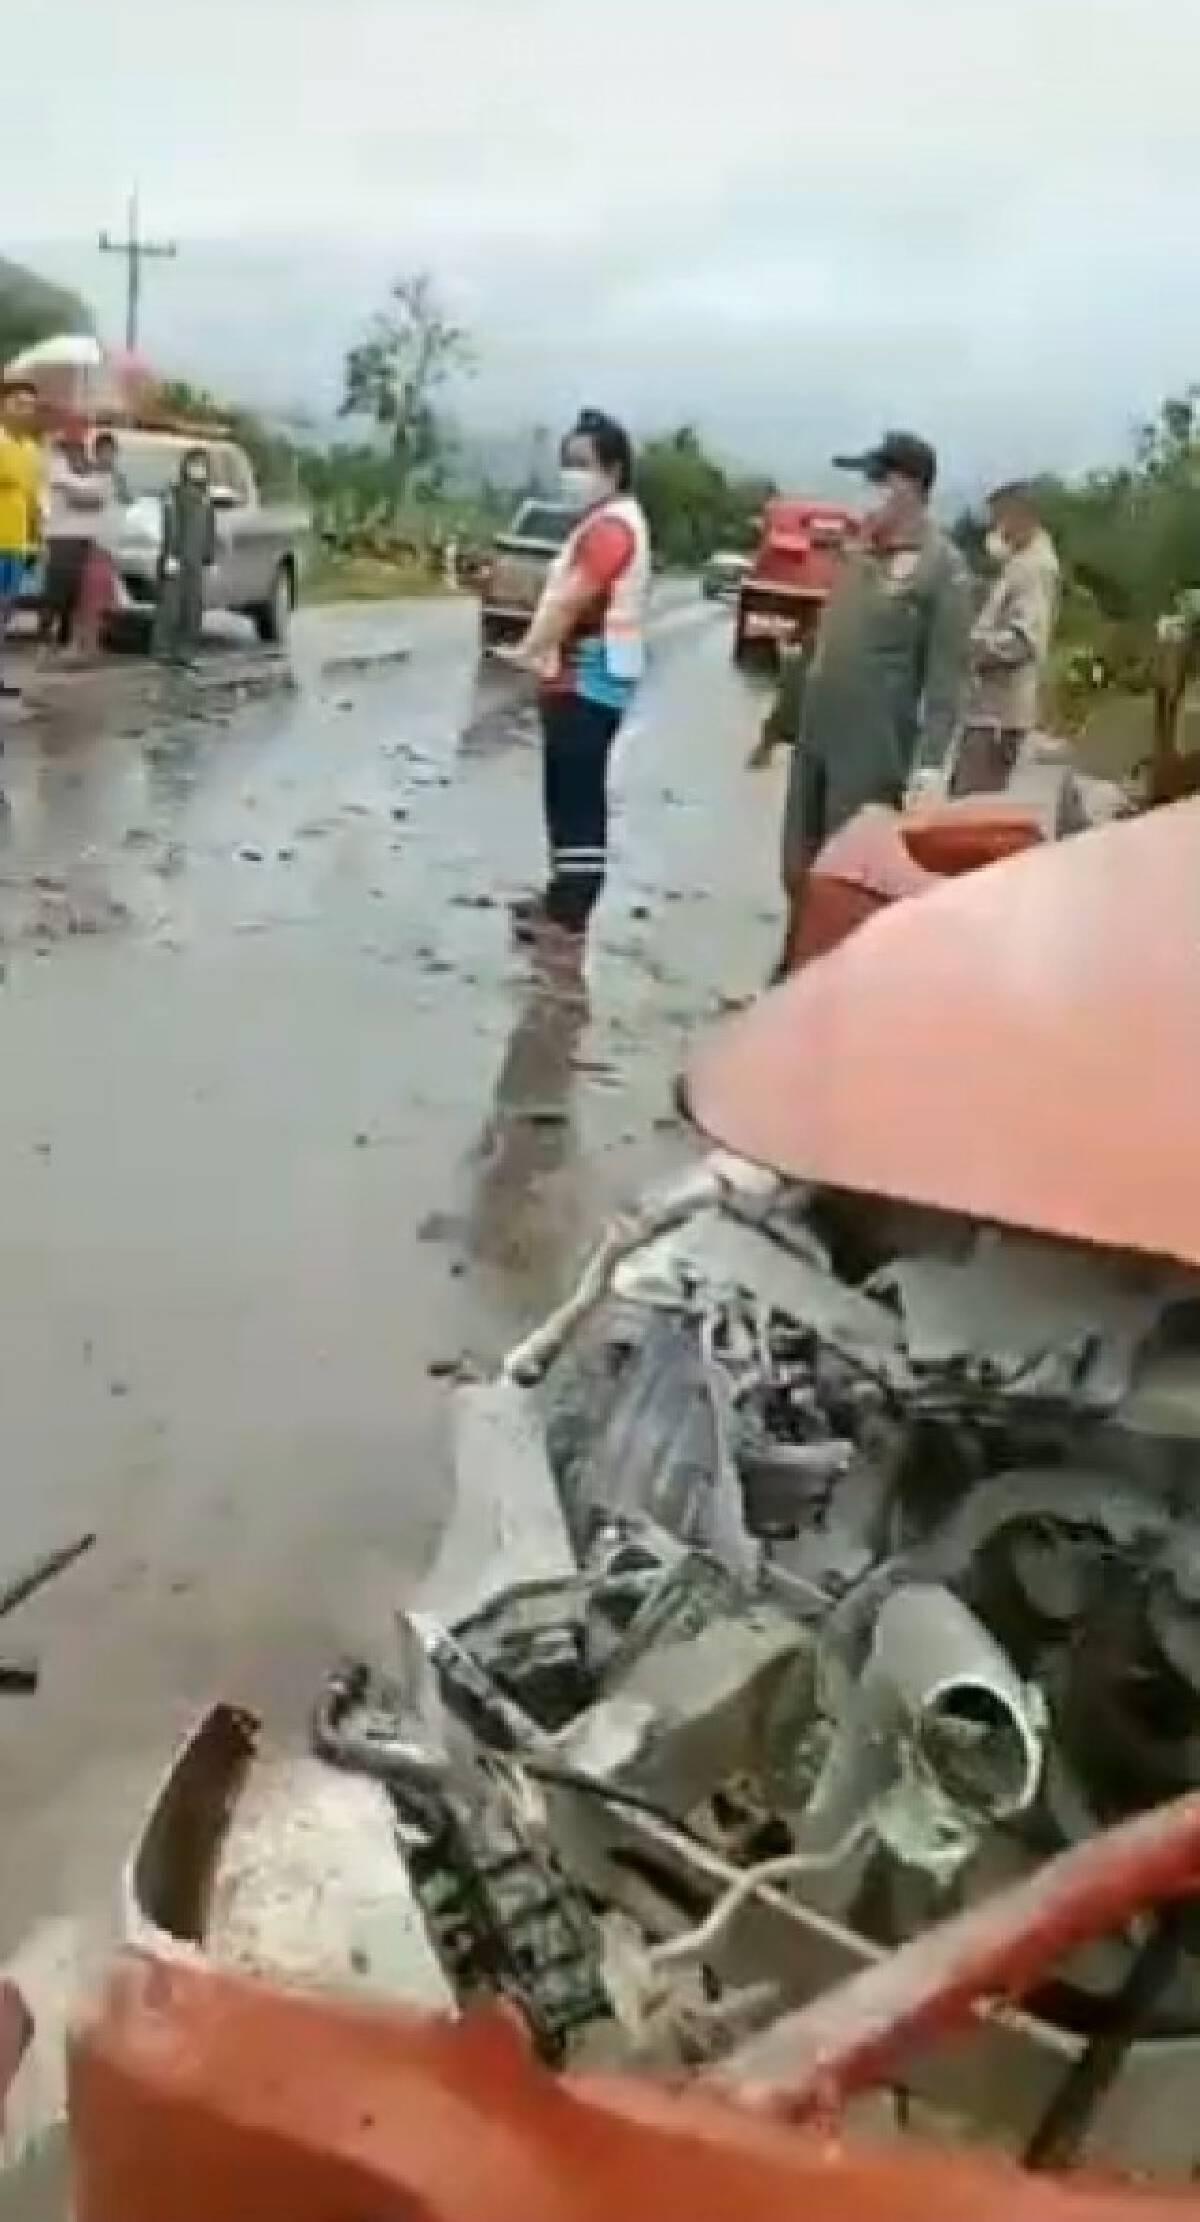 อดีตผู้ต้องหา ม.112 ประสบอุบัติเหตุเสียชีวิต ที่เพชรบูรณ์